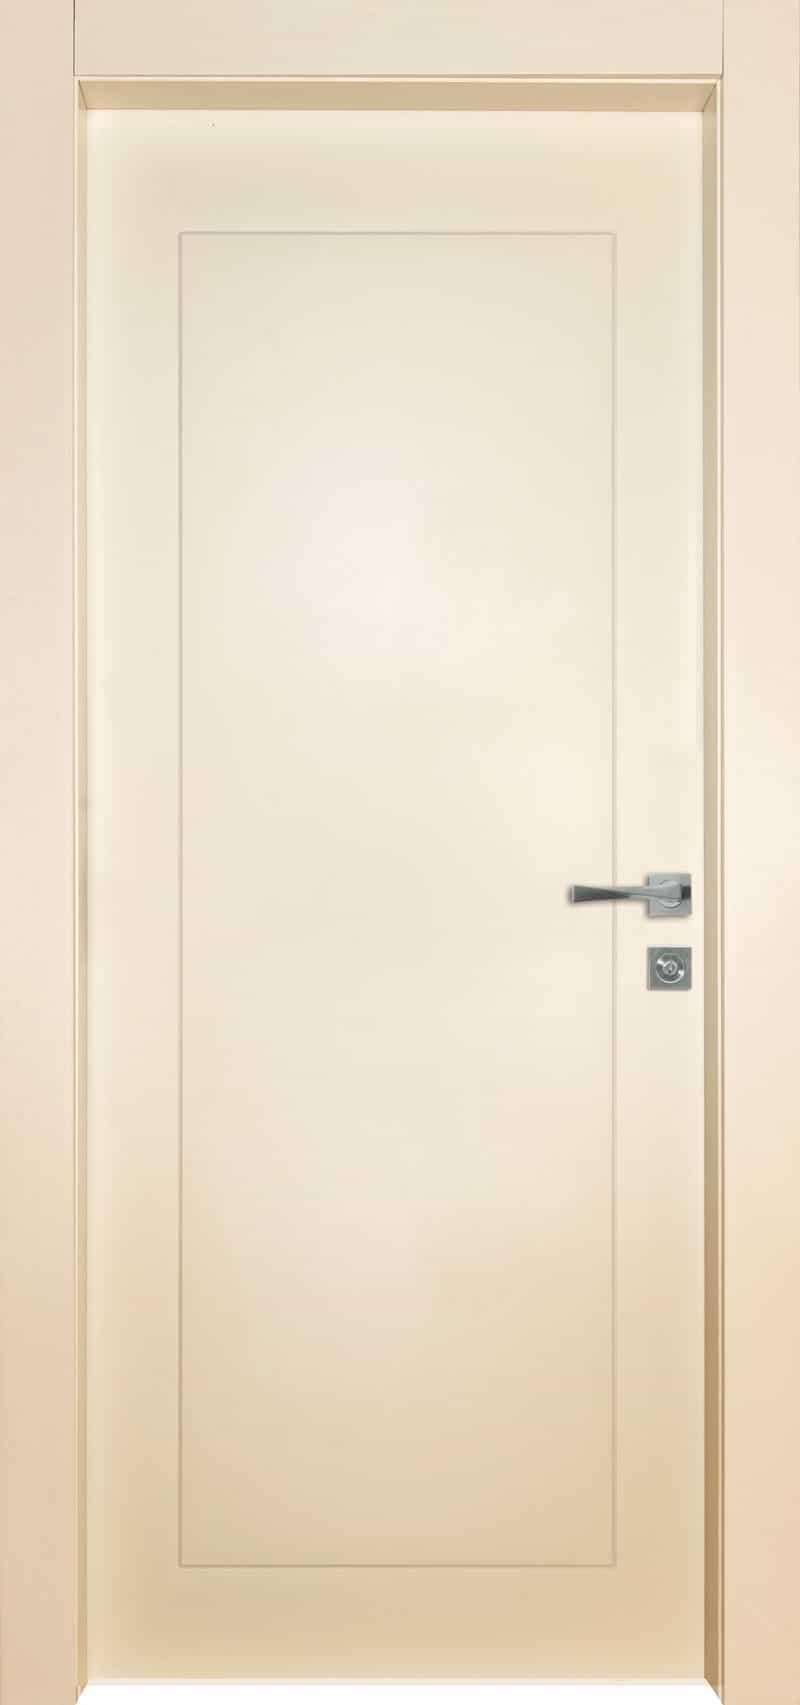 INHOUSE 214 דלת פנים שריונית חסם